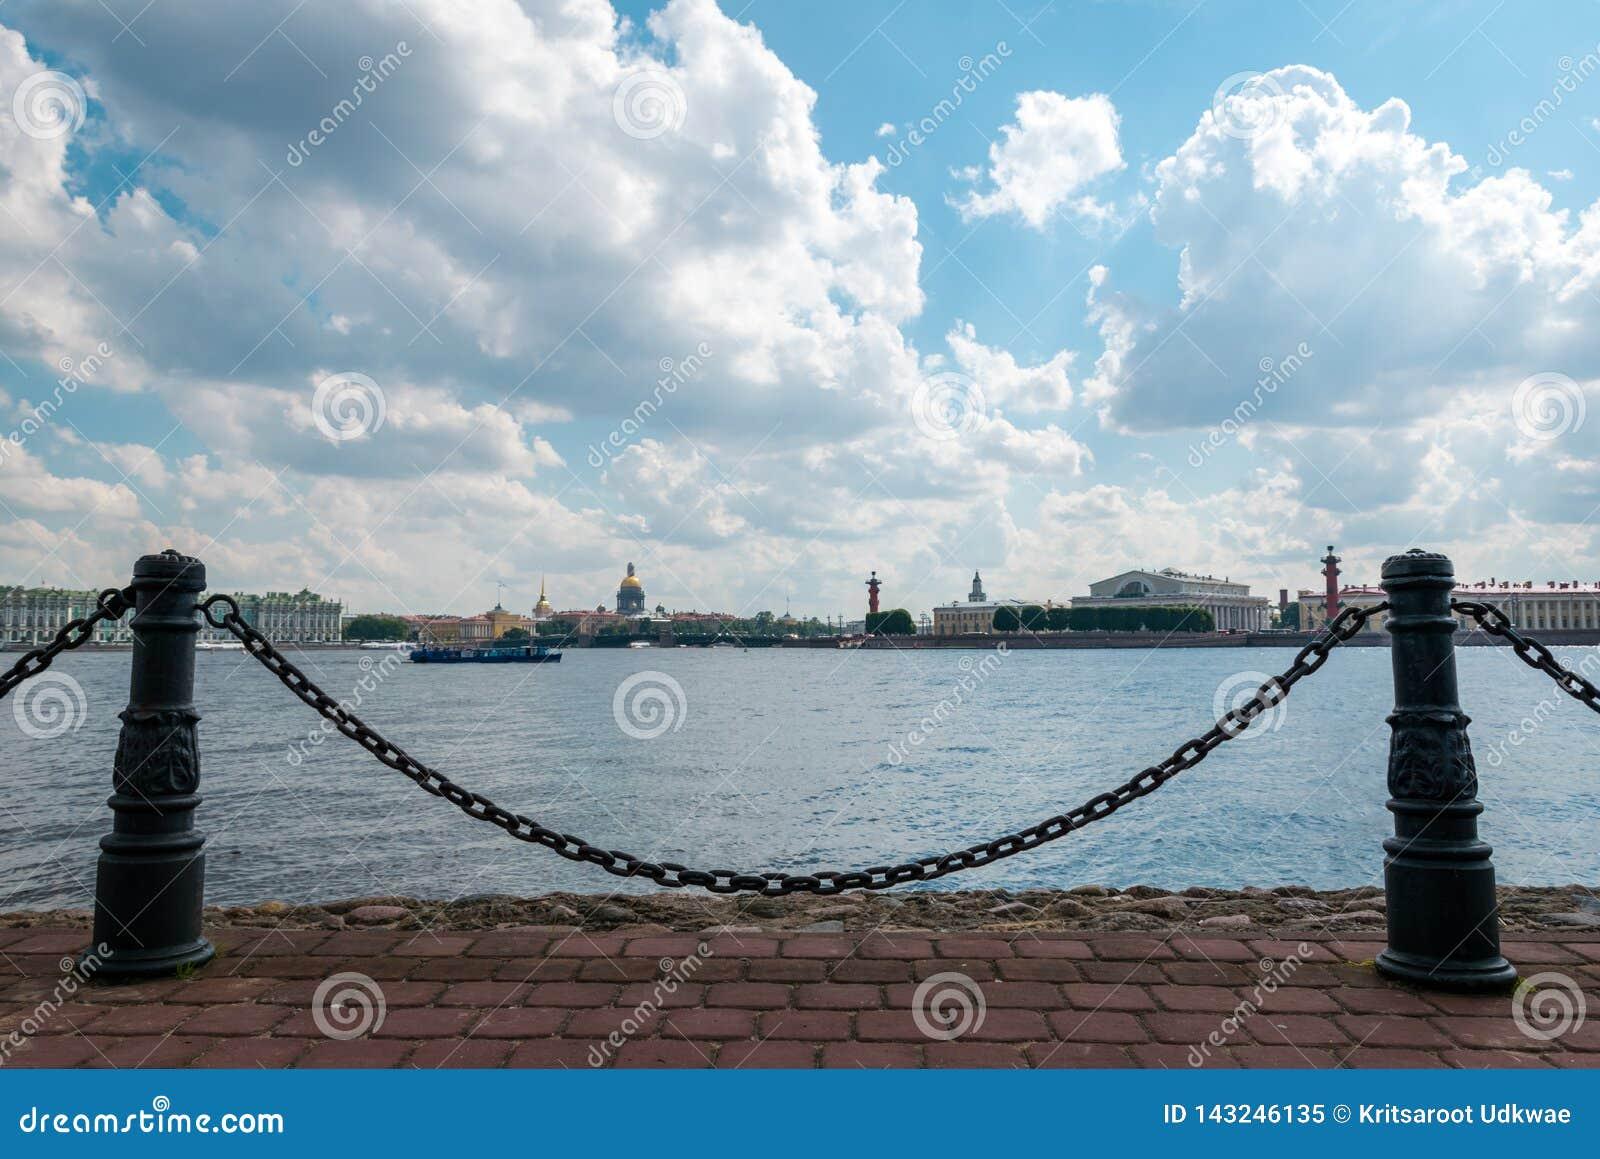 De parkmening van Peter en Paul Cathedral-eiland in St. Petersburg, Rusland